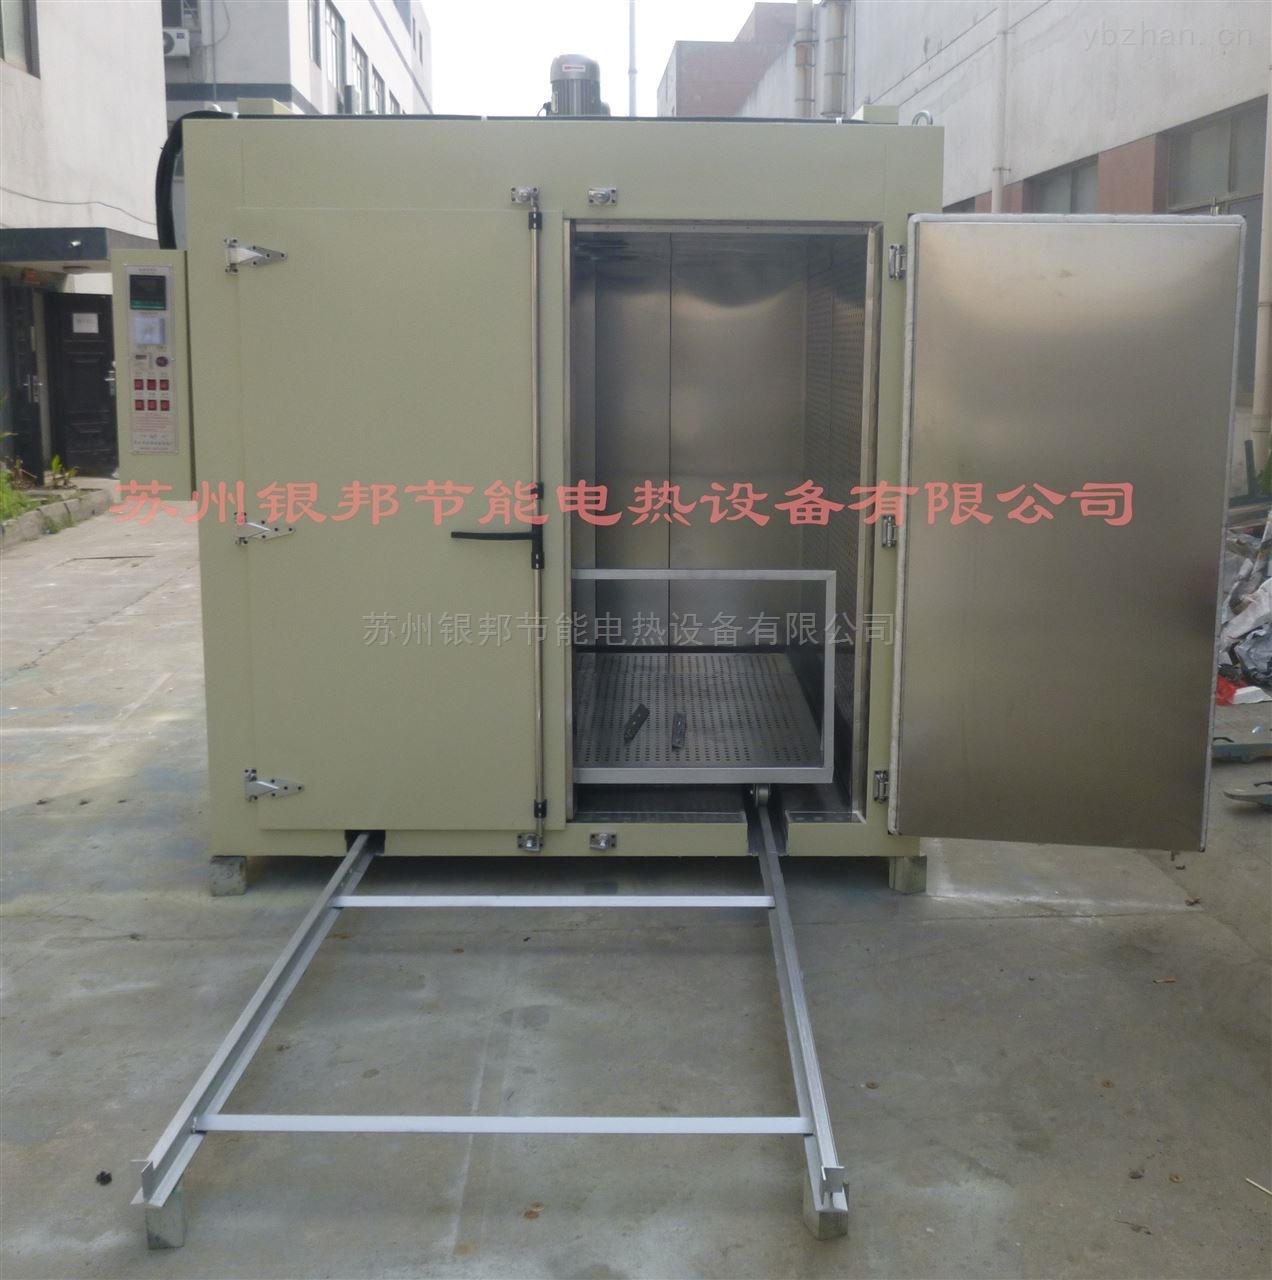 工业变压器专用烘箱 轨道式变压器固化炉 变压器绝缘漆烘干箱